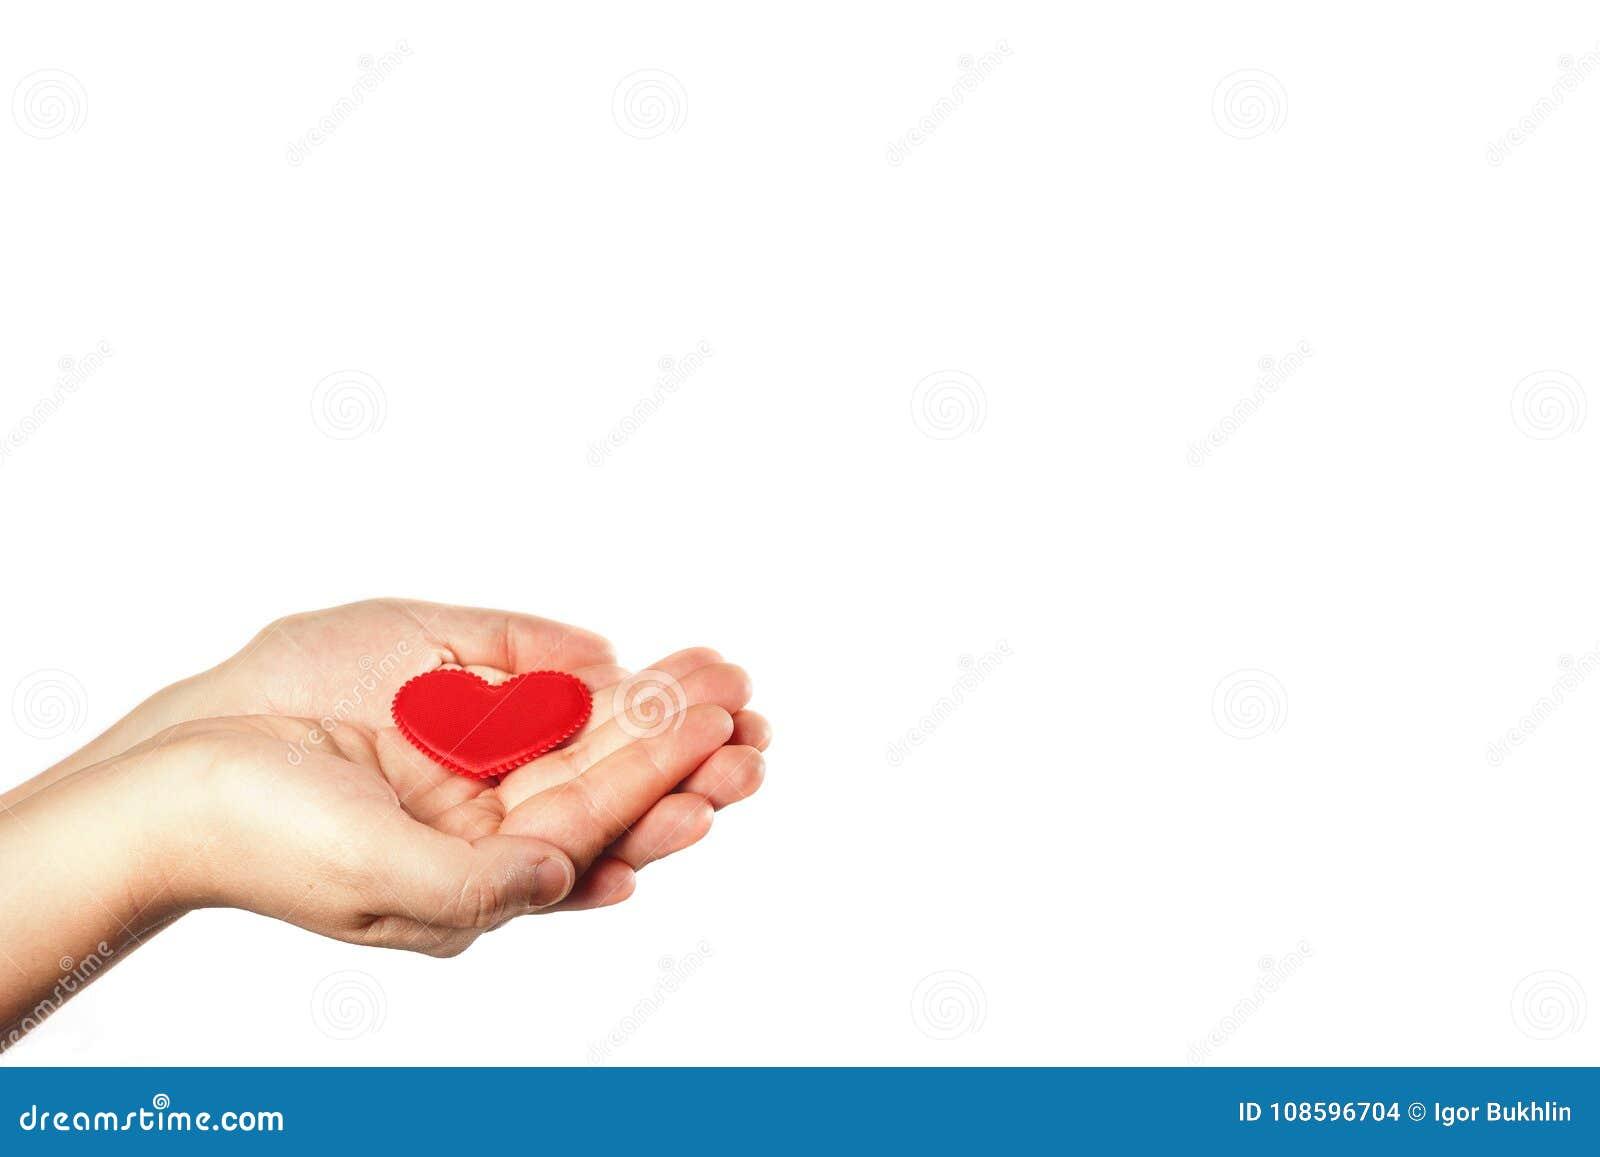 Robi dobrym rzeczom Tworzy well czyny Dobroczynność i cud Robić ludzi szczęśliwi Dobroczynna podstawa ręce mi daje miłości